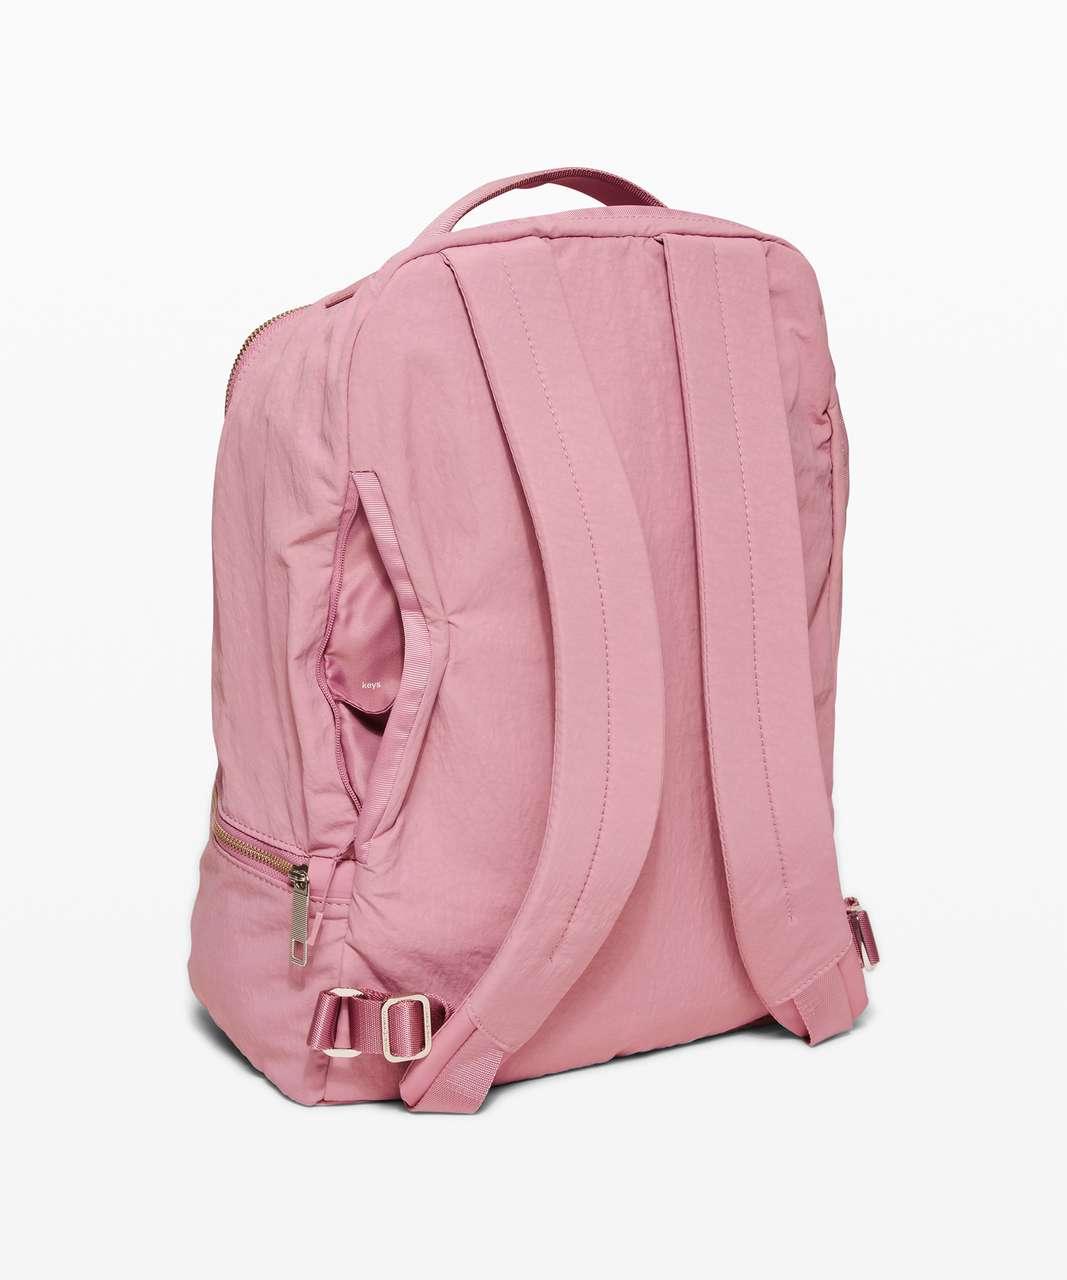 Lululemon City Adventurer Backpack *17L - Pink Taupe